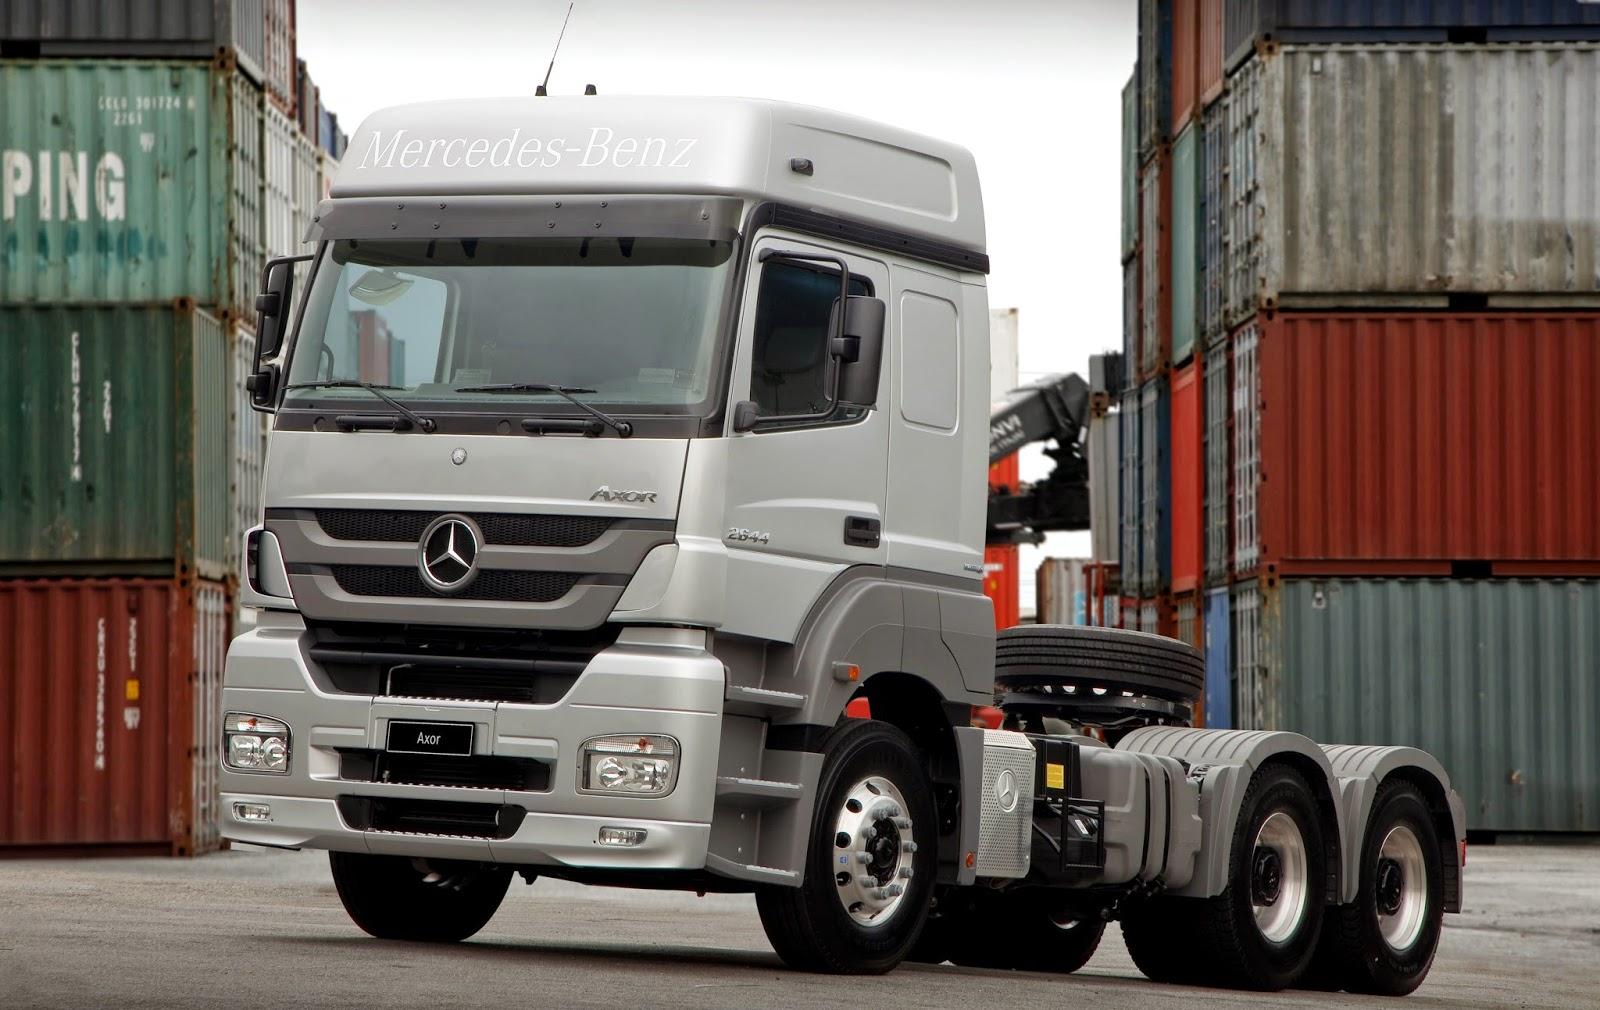 Teste do MB Axor 2644   Caminhões e Carretas - A parada online do  caminhoneiro